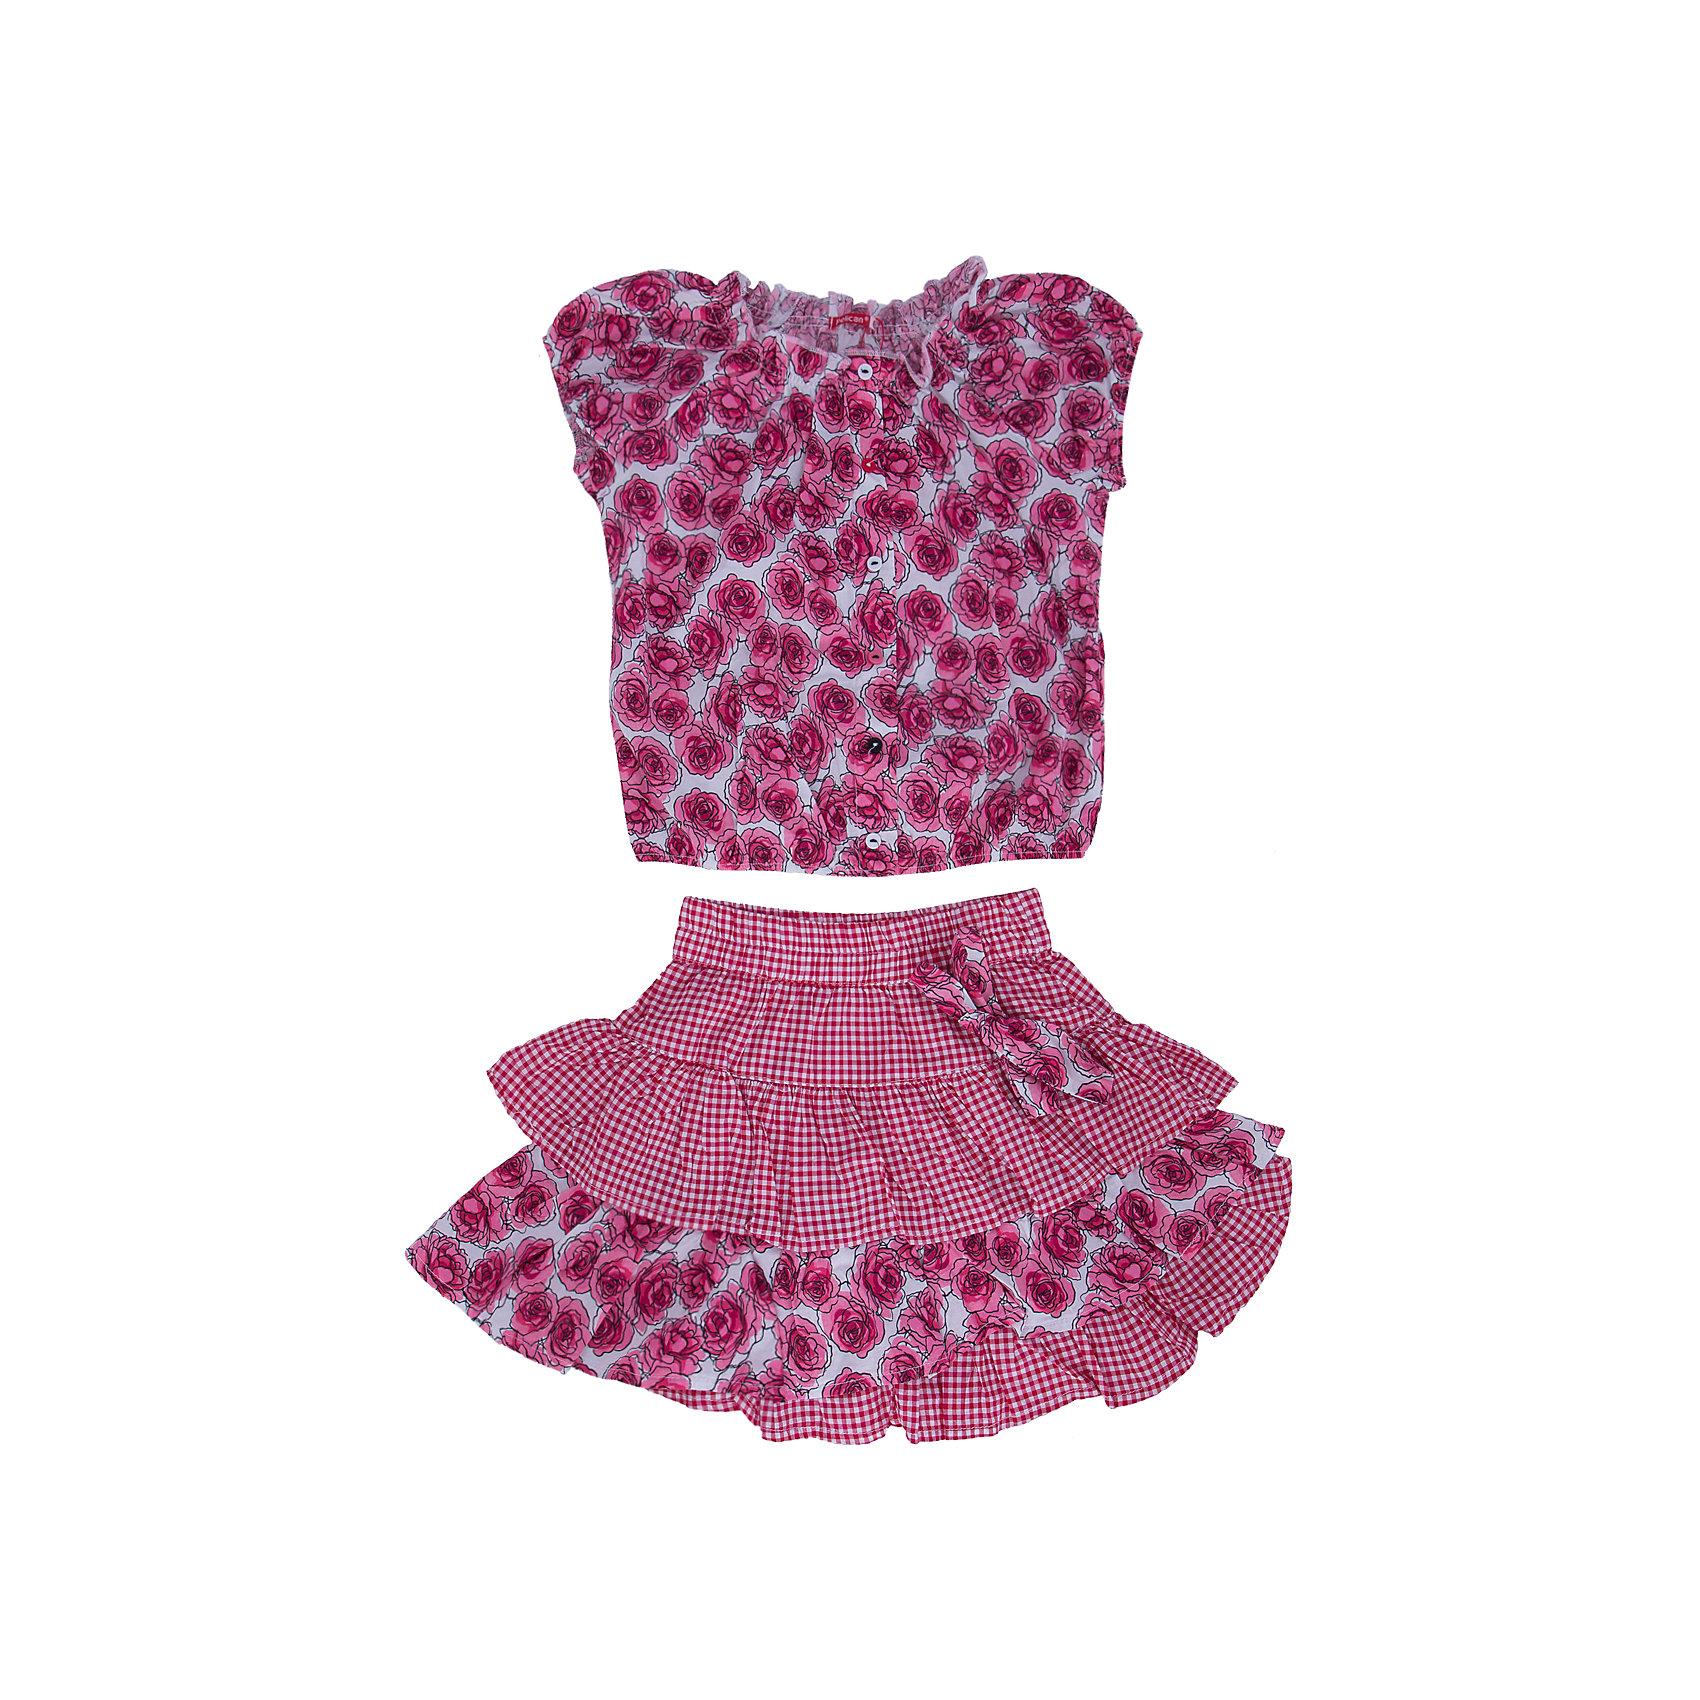 Комплект: блузка и юбка для девочки PELICANСтильный комплект для девочки состоит из блузки и юбки. Удобные вещи помогут разнообразить гардероб ребенка, создать подходящий погоде ансамбль. Удобный крой и качественный материал обеспечат ребенку комфорт при ношении этих вещей. <br>Комплект очень стильно смотрится благодаря актуальной в этот сезоне расцветке. Блузка - с модным принтом и короткими рукавами. Юбка украшена воланами и бантом. Материал - легкий, тонкий, отлично подходит для лета, состоит из дышащего натурального хлопка. Очень приятен на ощупь, не вызывает аллергии.<br><br>Дополнительная информация:<br><br>материал: 100% хлопок;<br>цвет: розовый;<br>с принтом;<br>юбка декорирована воланами и бантом.<br><br>Комплект для девочки от бренда PELICAN (Пеликан) можно купить в нашем магазине.<br><br>Ширина мм: 207<br>Глубина мм: 10<br>Высота мм: 189<br>Вес г: 183<br>Цвет: розовый<br>Возраст от месяцев: 24<br>Возраст до месяцев: 36<br>Пол: Женский<br>Возраст: Детский<br>Размер: 98,104,116,110<br>SKU: 4805154